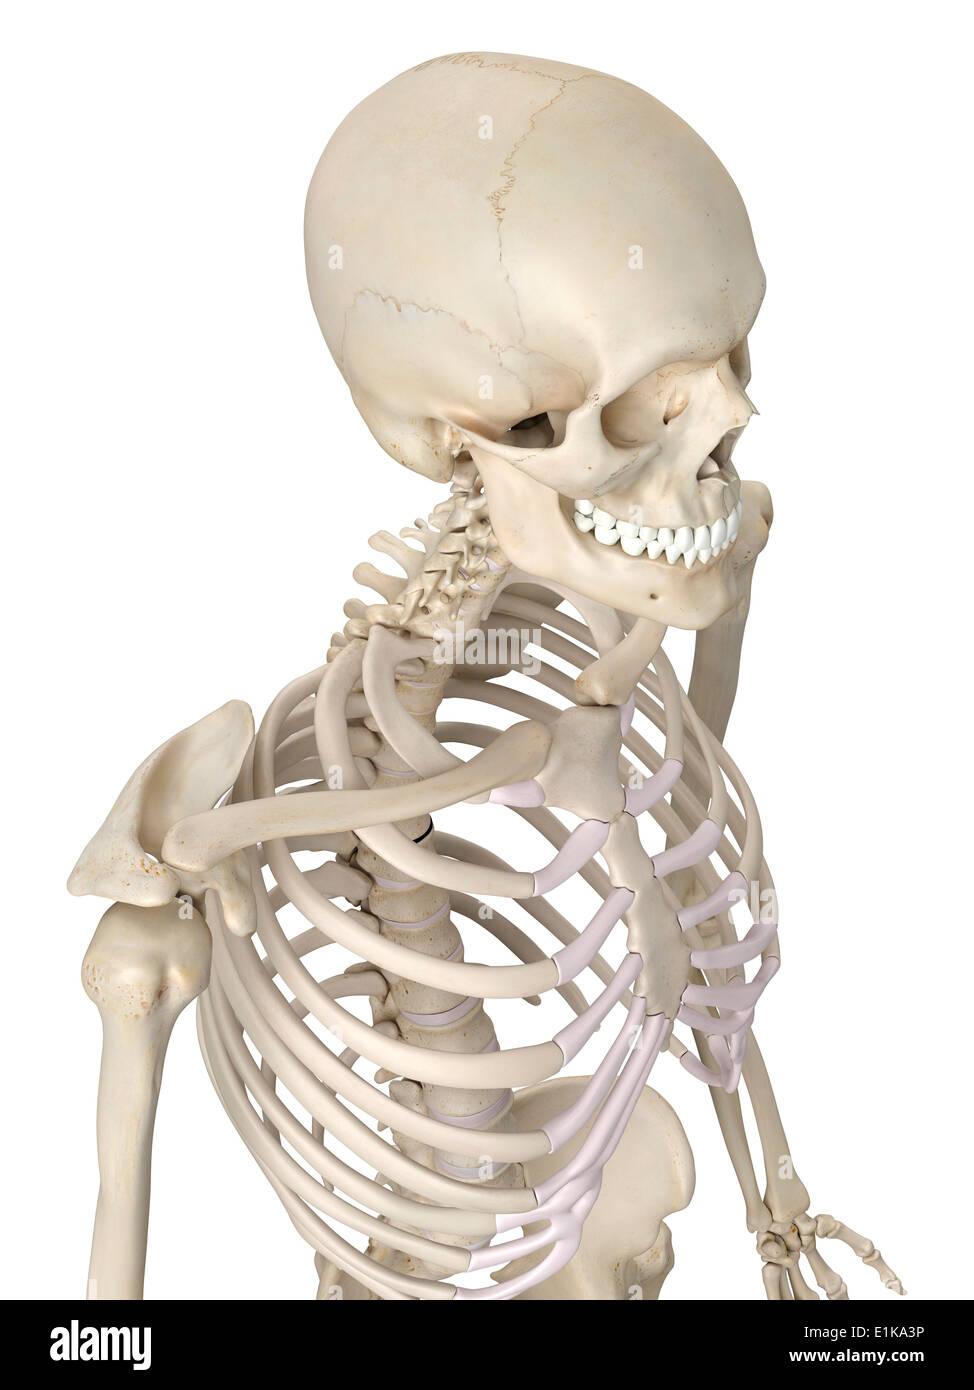 Beste Menschlicher Brustkorb Anatomie Ideen - Menschliche Anatomie ...